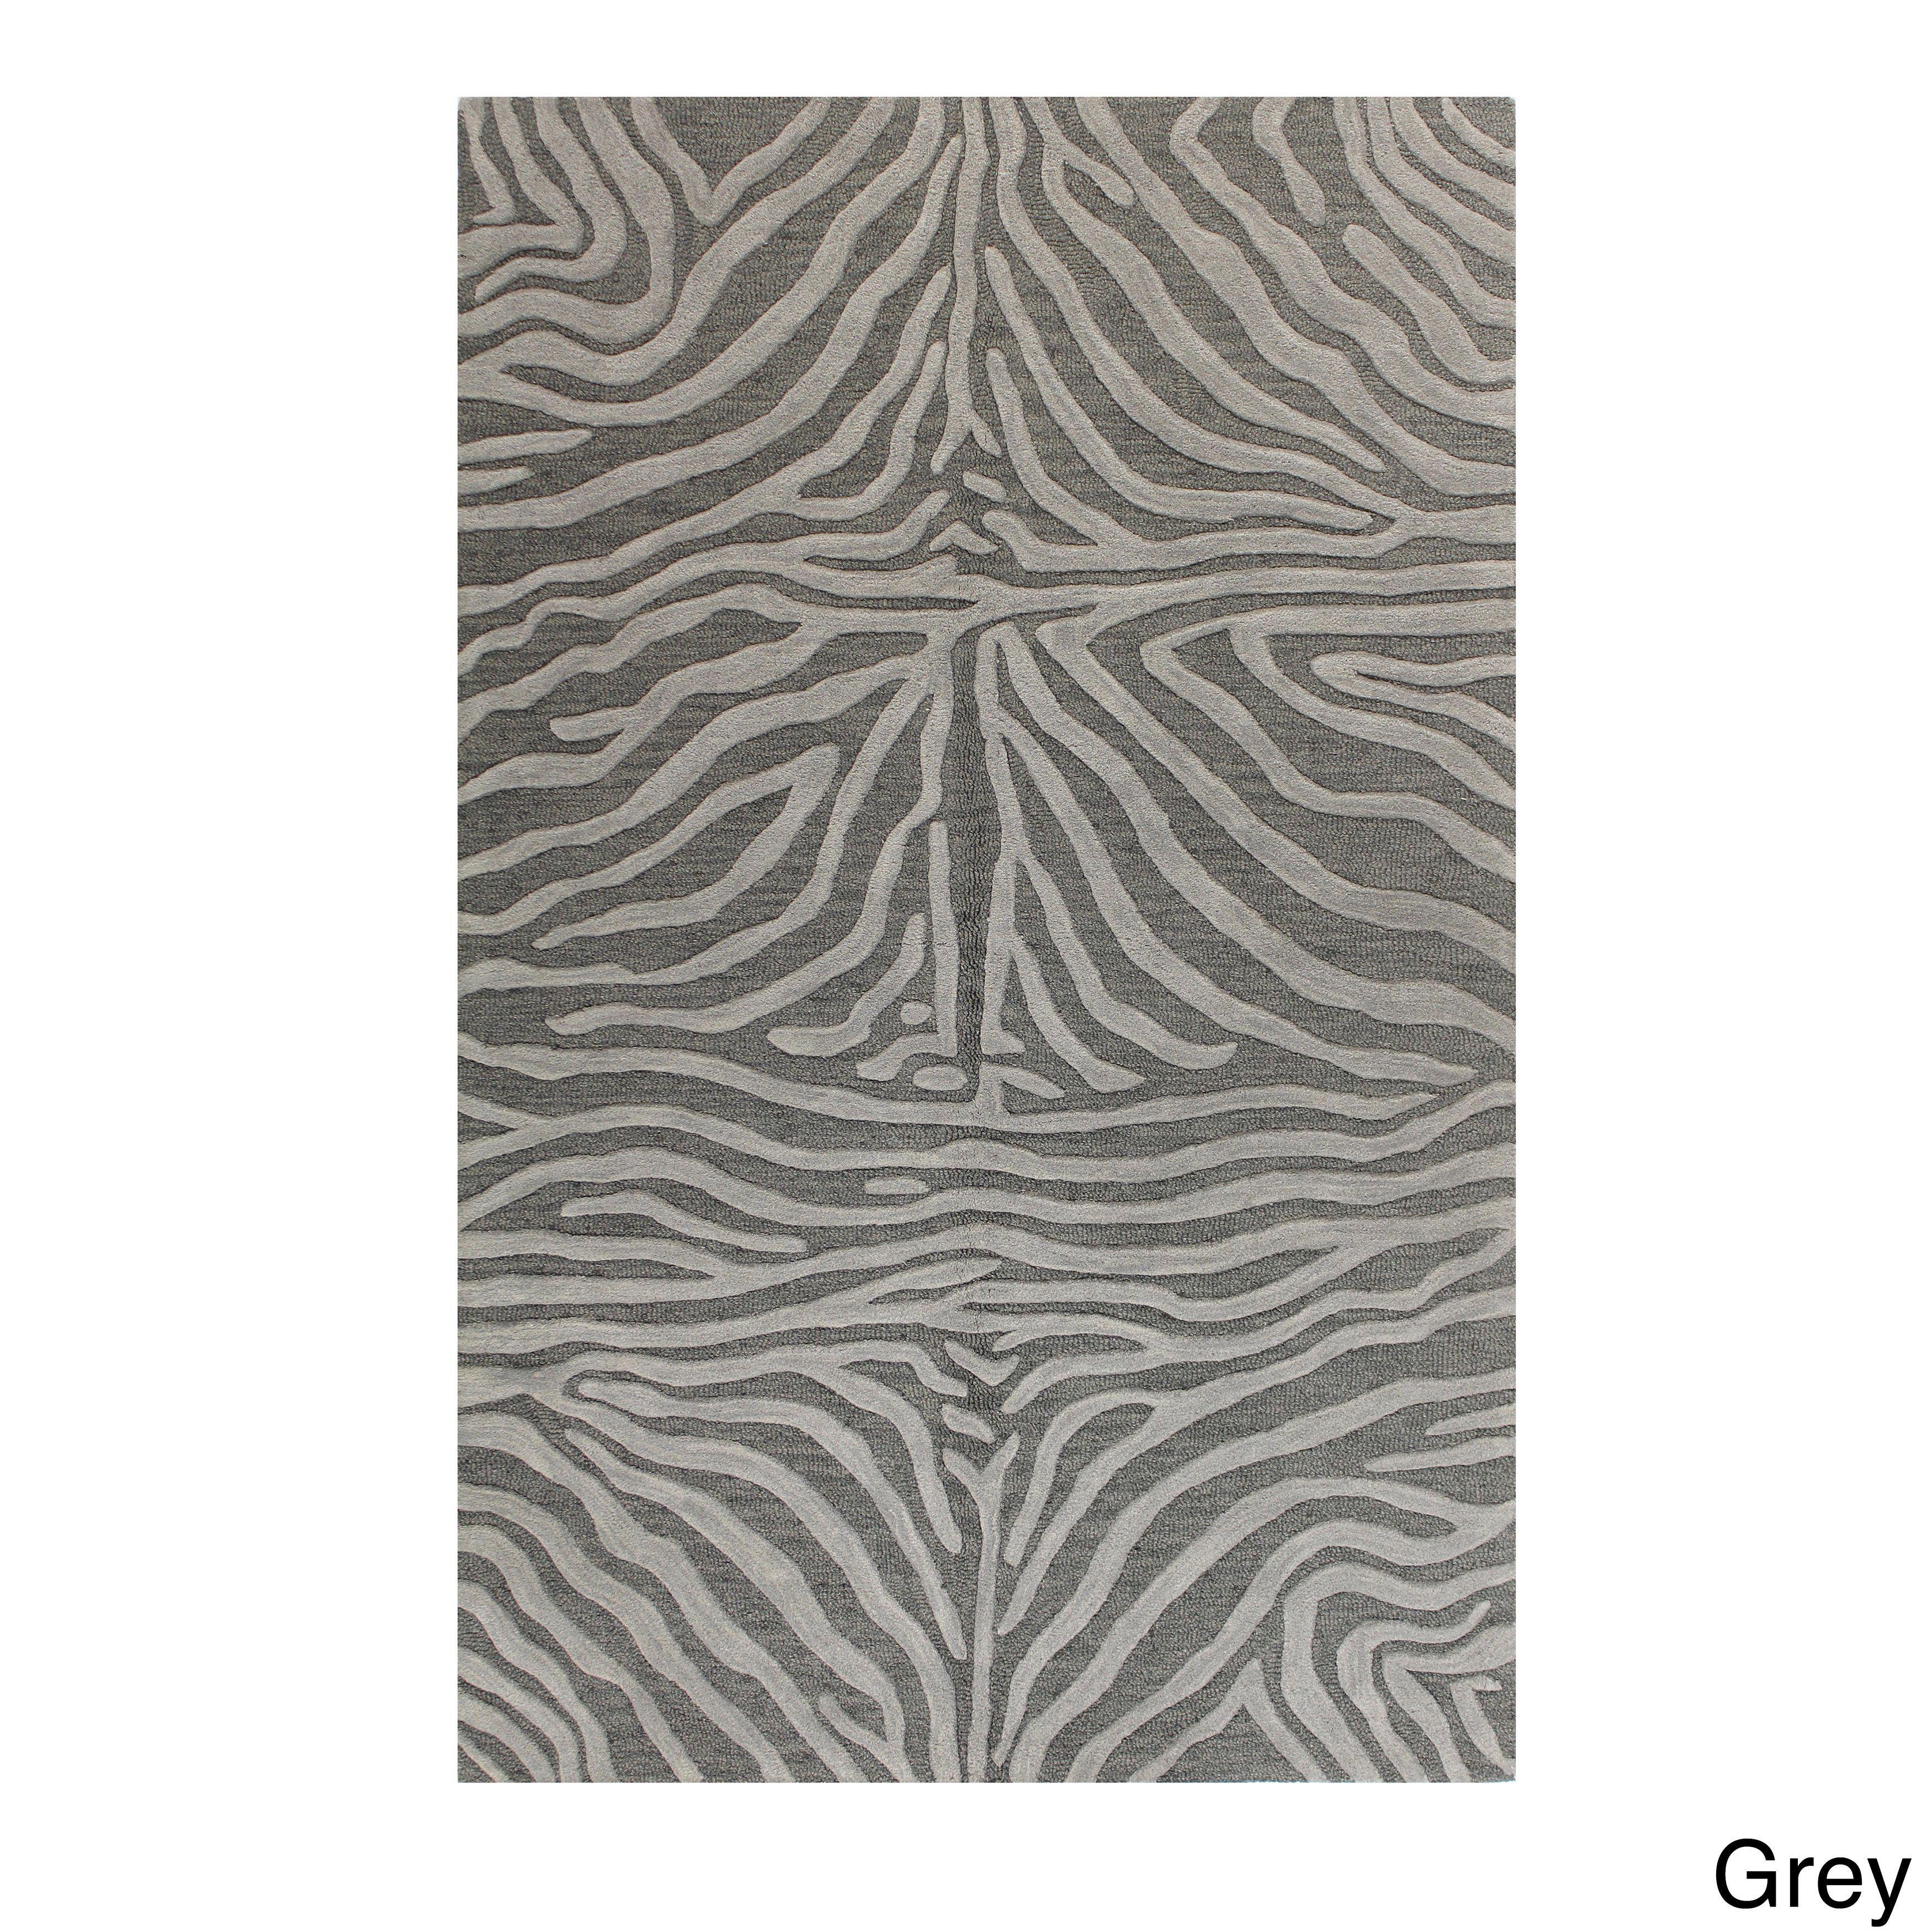 Marissa Animal Print Tufted Wool Area Rug 4 X 6